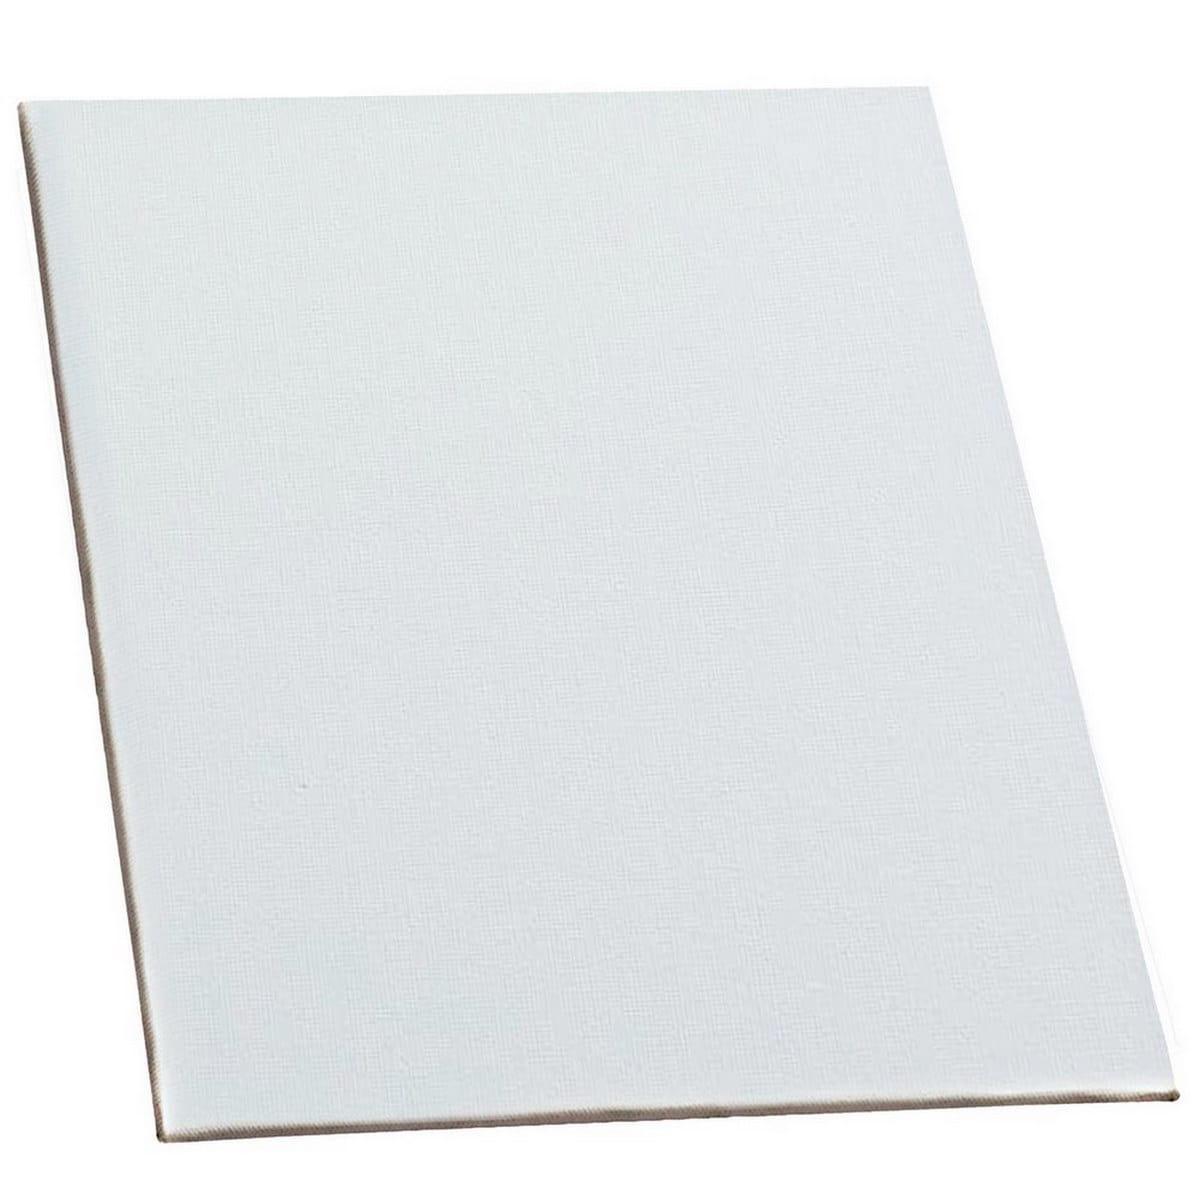 MDF White Canvas Board Size: 12.7 X 12.7 cm (5x5 Inches)